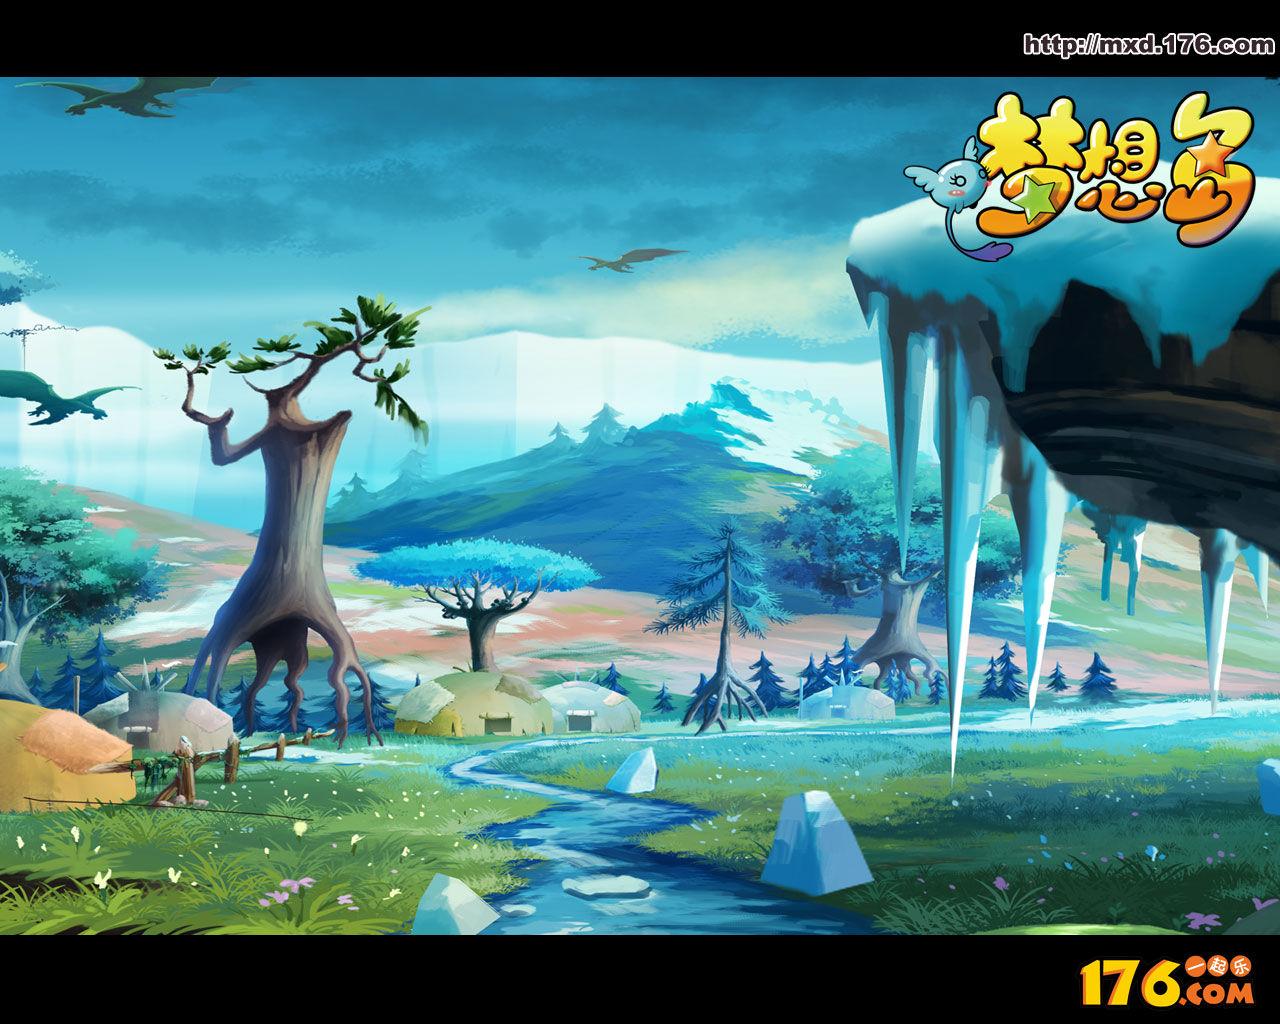 《梦想岛》游戏壁纸(10)